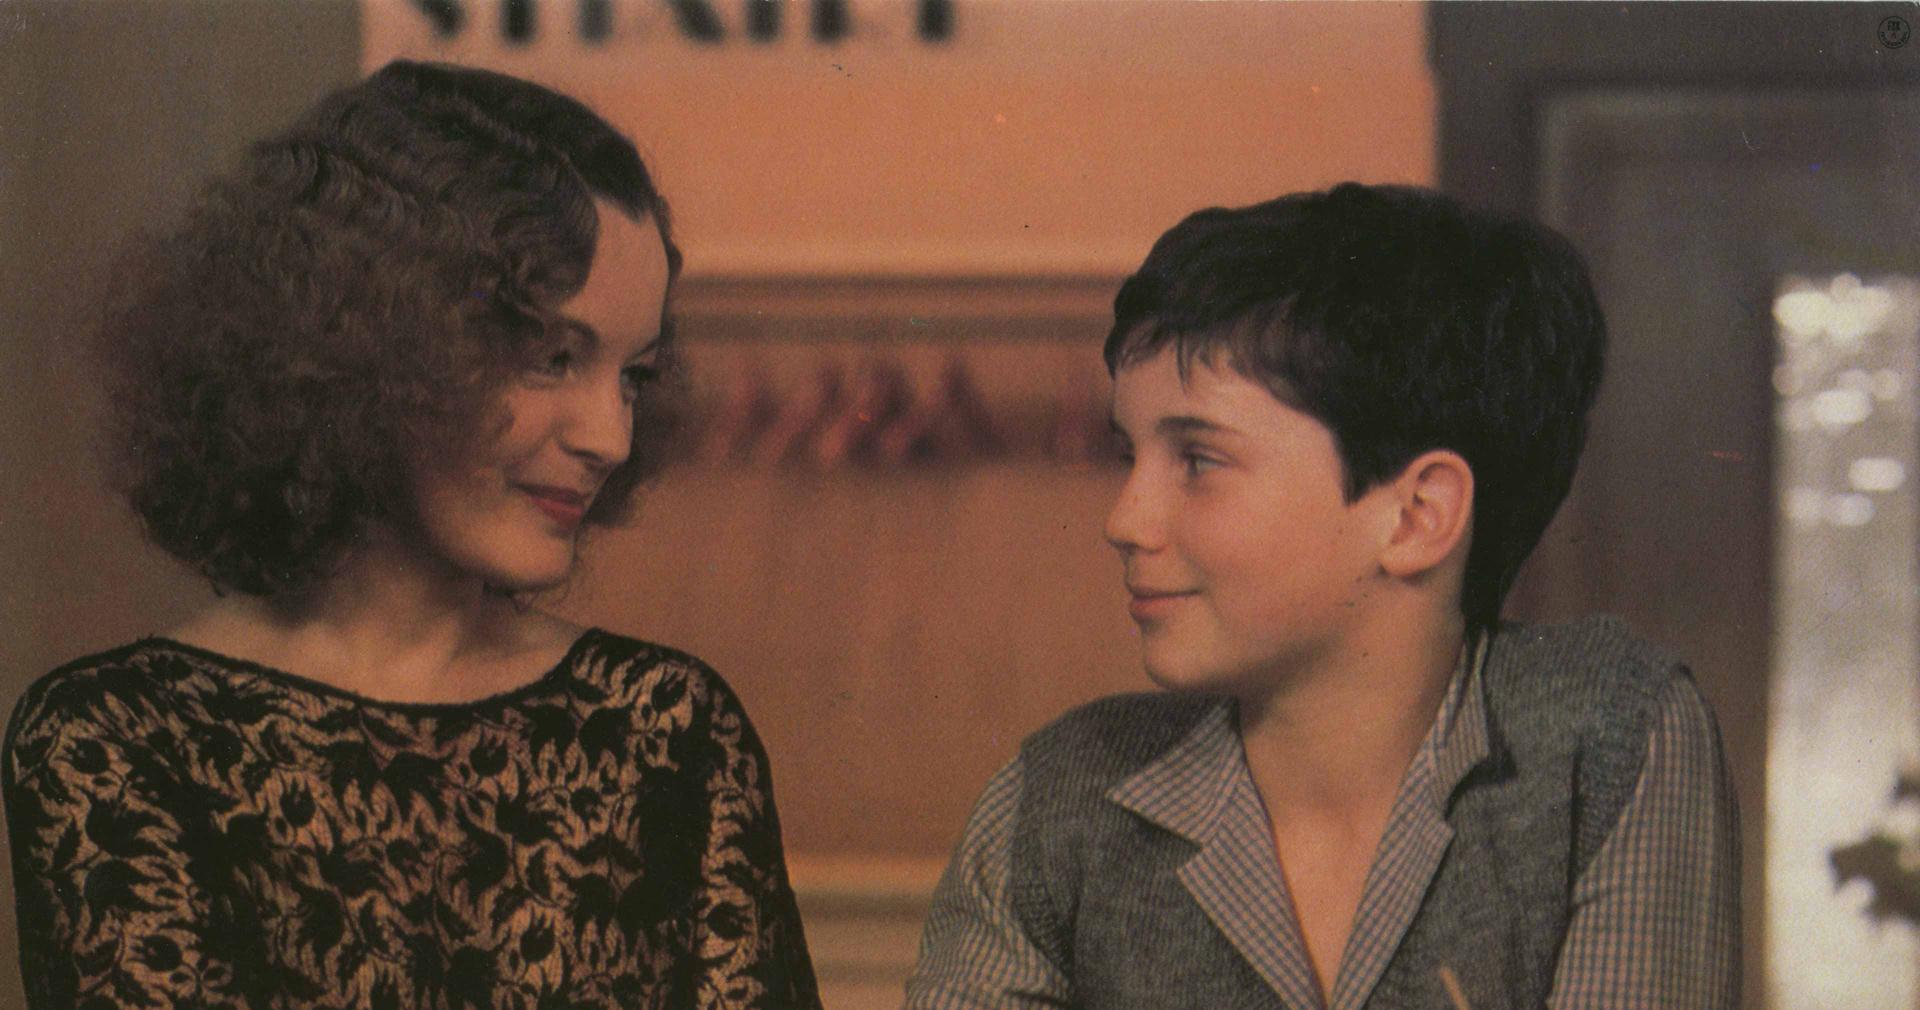 Szene from the movie